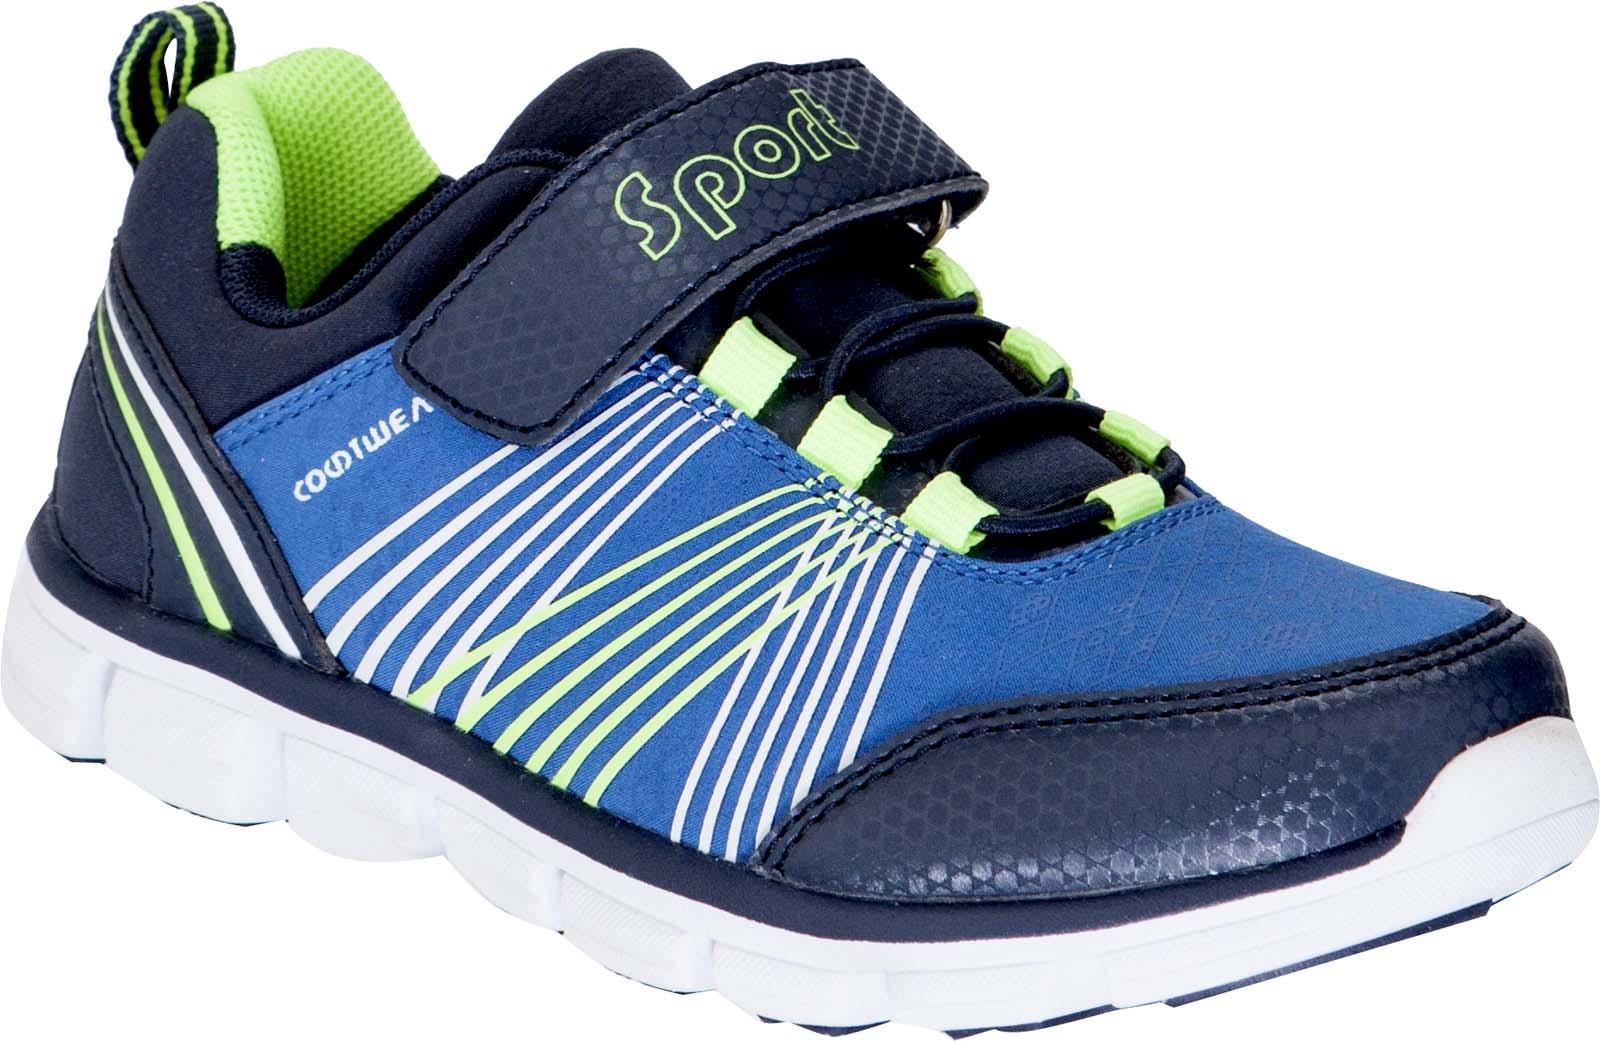 Кроссовки для мальчика Kapika, цвет: синий, салатовый. 73348. Размер 3273348Кроссовки от Kapika займут достойное место в гардеробе вашего ребенка! Модель изготовлена из текстиля и искусственной кожи. Классическая шнуровка и хлястик на липучке, обеспечивают надежную фиксацию обуви на ноге. Внутренняя поверхность из текстиля, обеспечивает комфорт и предотвращает натирание. Стелька из кожи и текстиля сохраняет комфортный микроклимат в обуви. Рифленая поверхность подошвы защищает изделие от скольжения. Стильные и в то же время удобные кроссовки - необходимая вещь в гардеробе каждого ребенка.